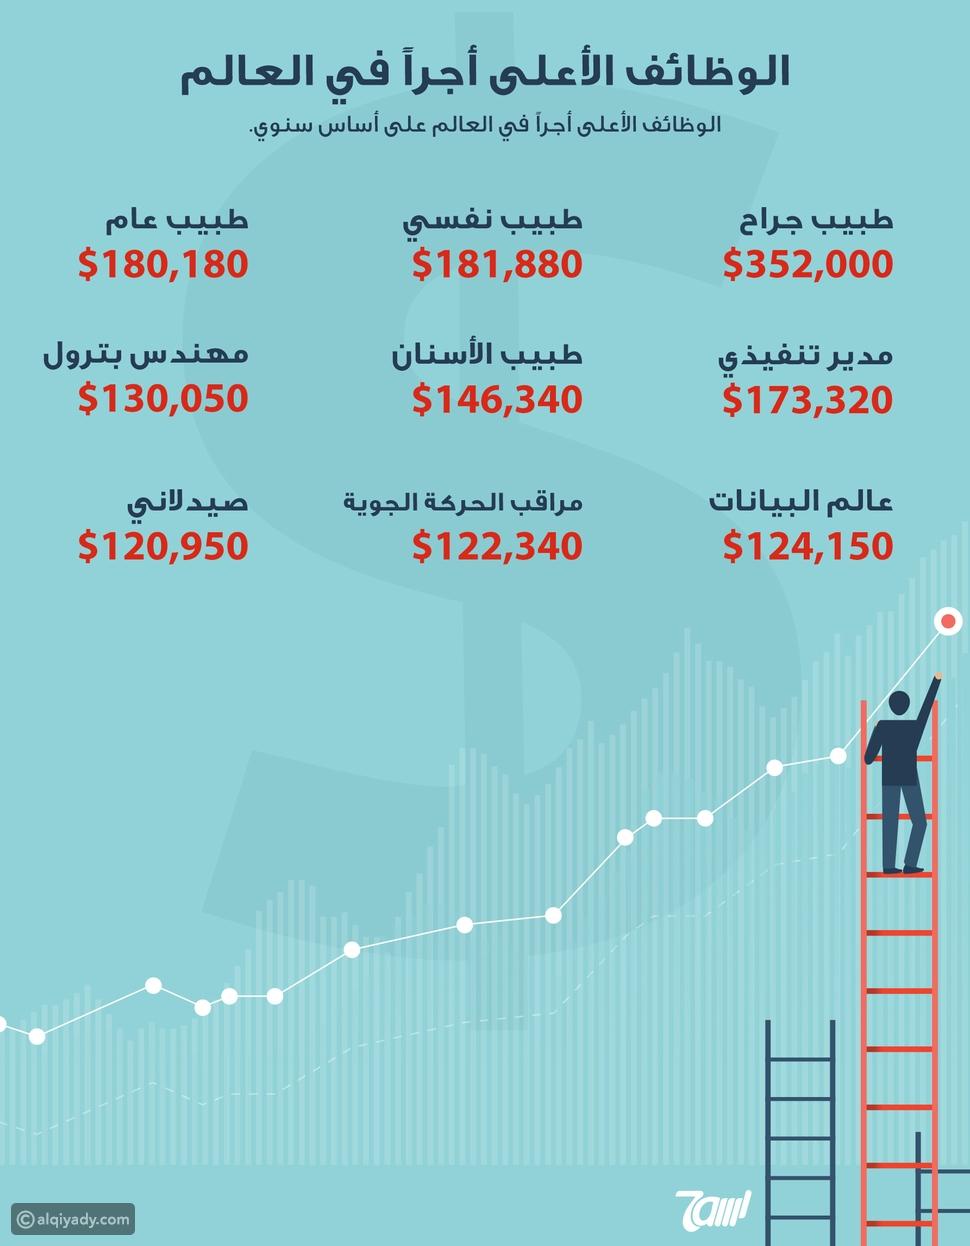 إنفوجرافيك: الوظائف الأعلى أجرًا في العالم.. ما هي؟